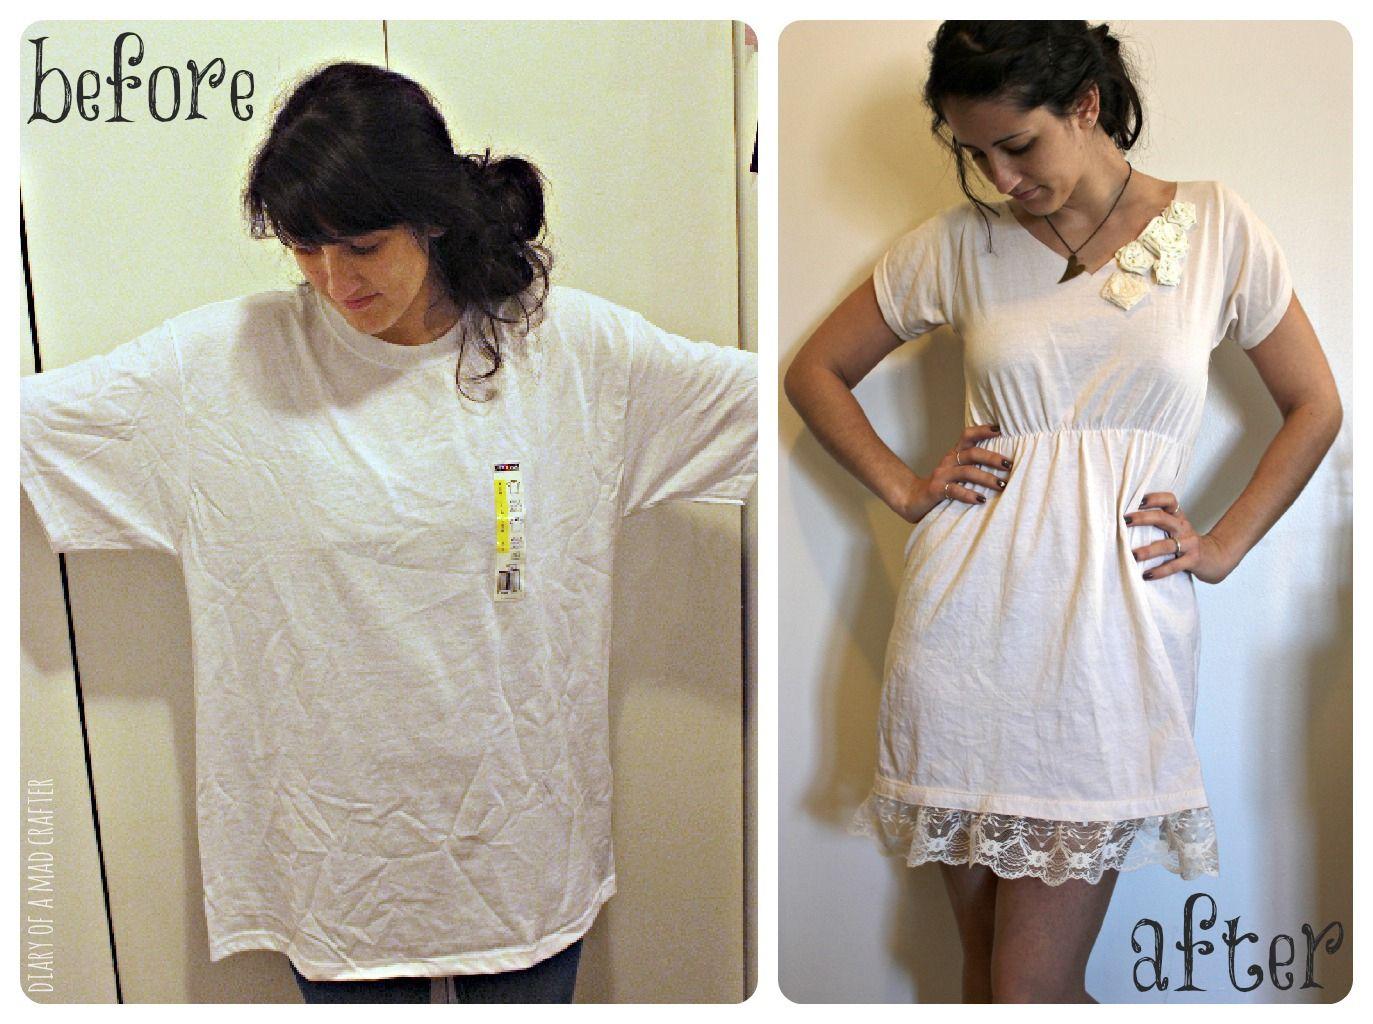 DIY Dress from an old t-shirt